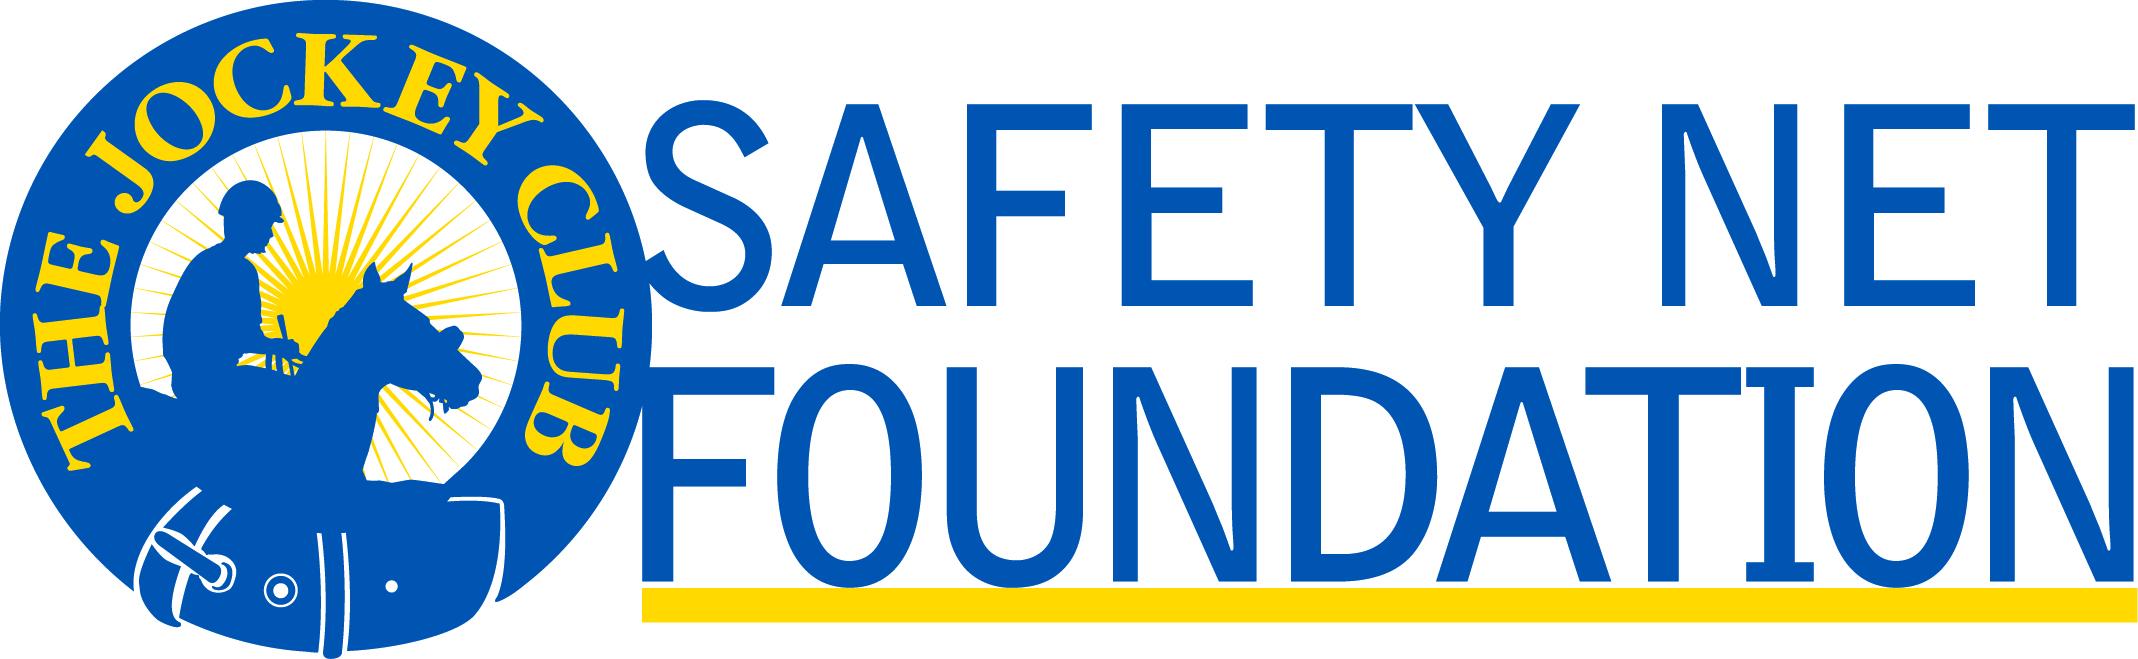 safety_net logo.jpg